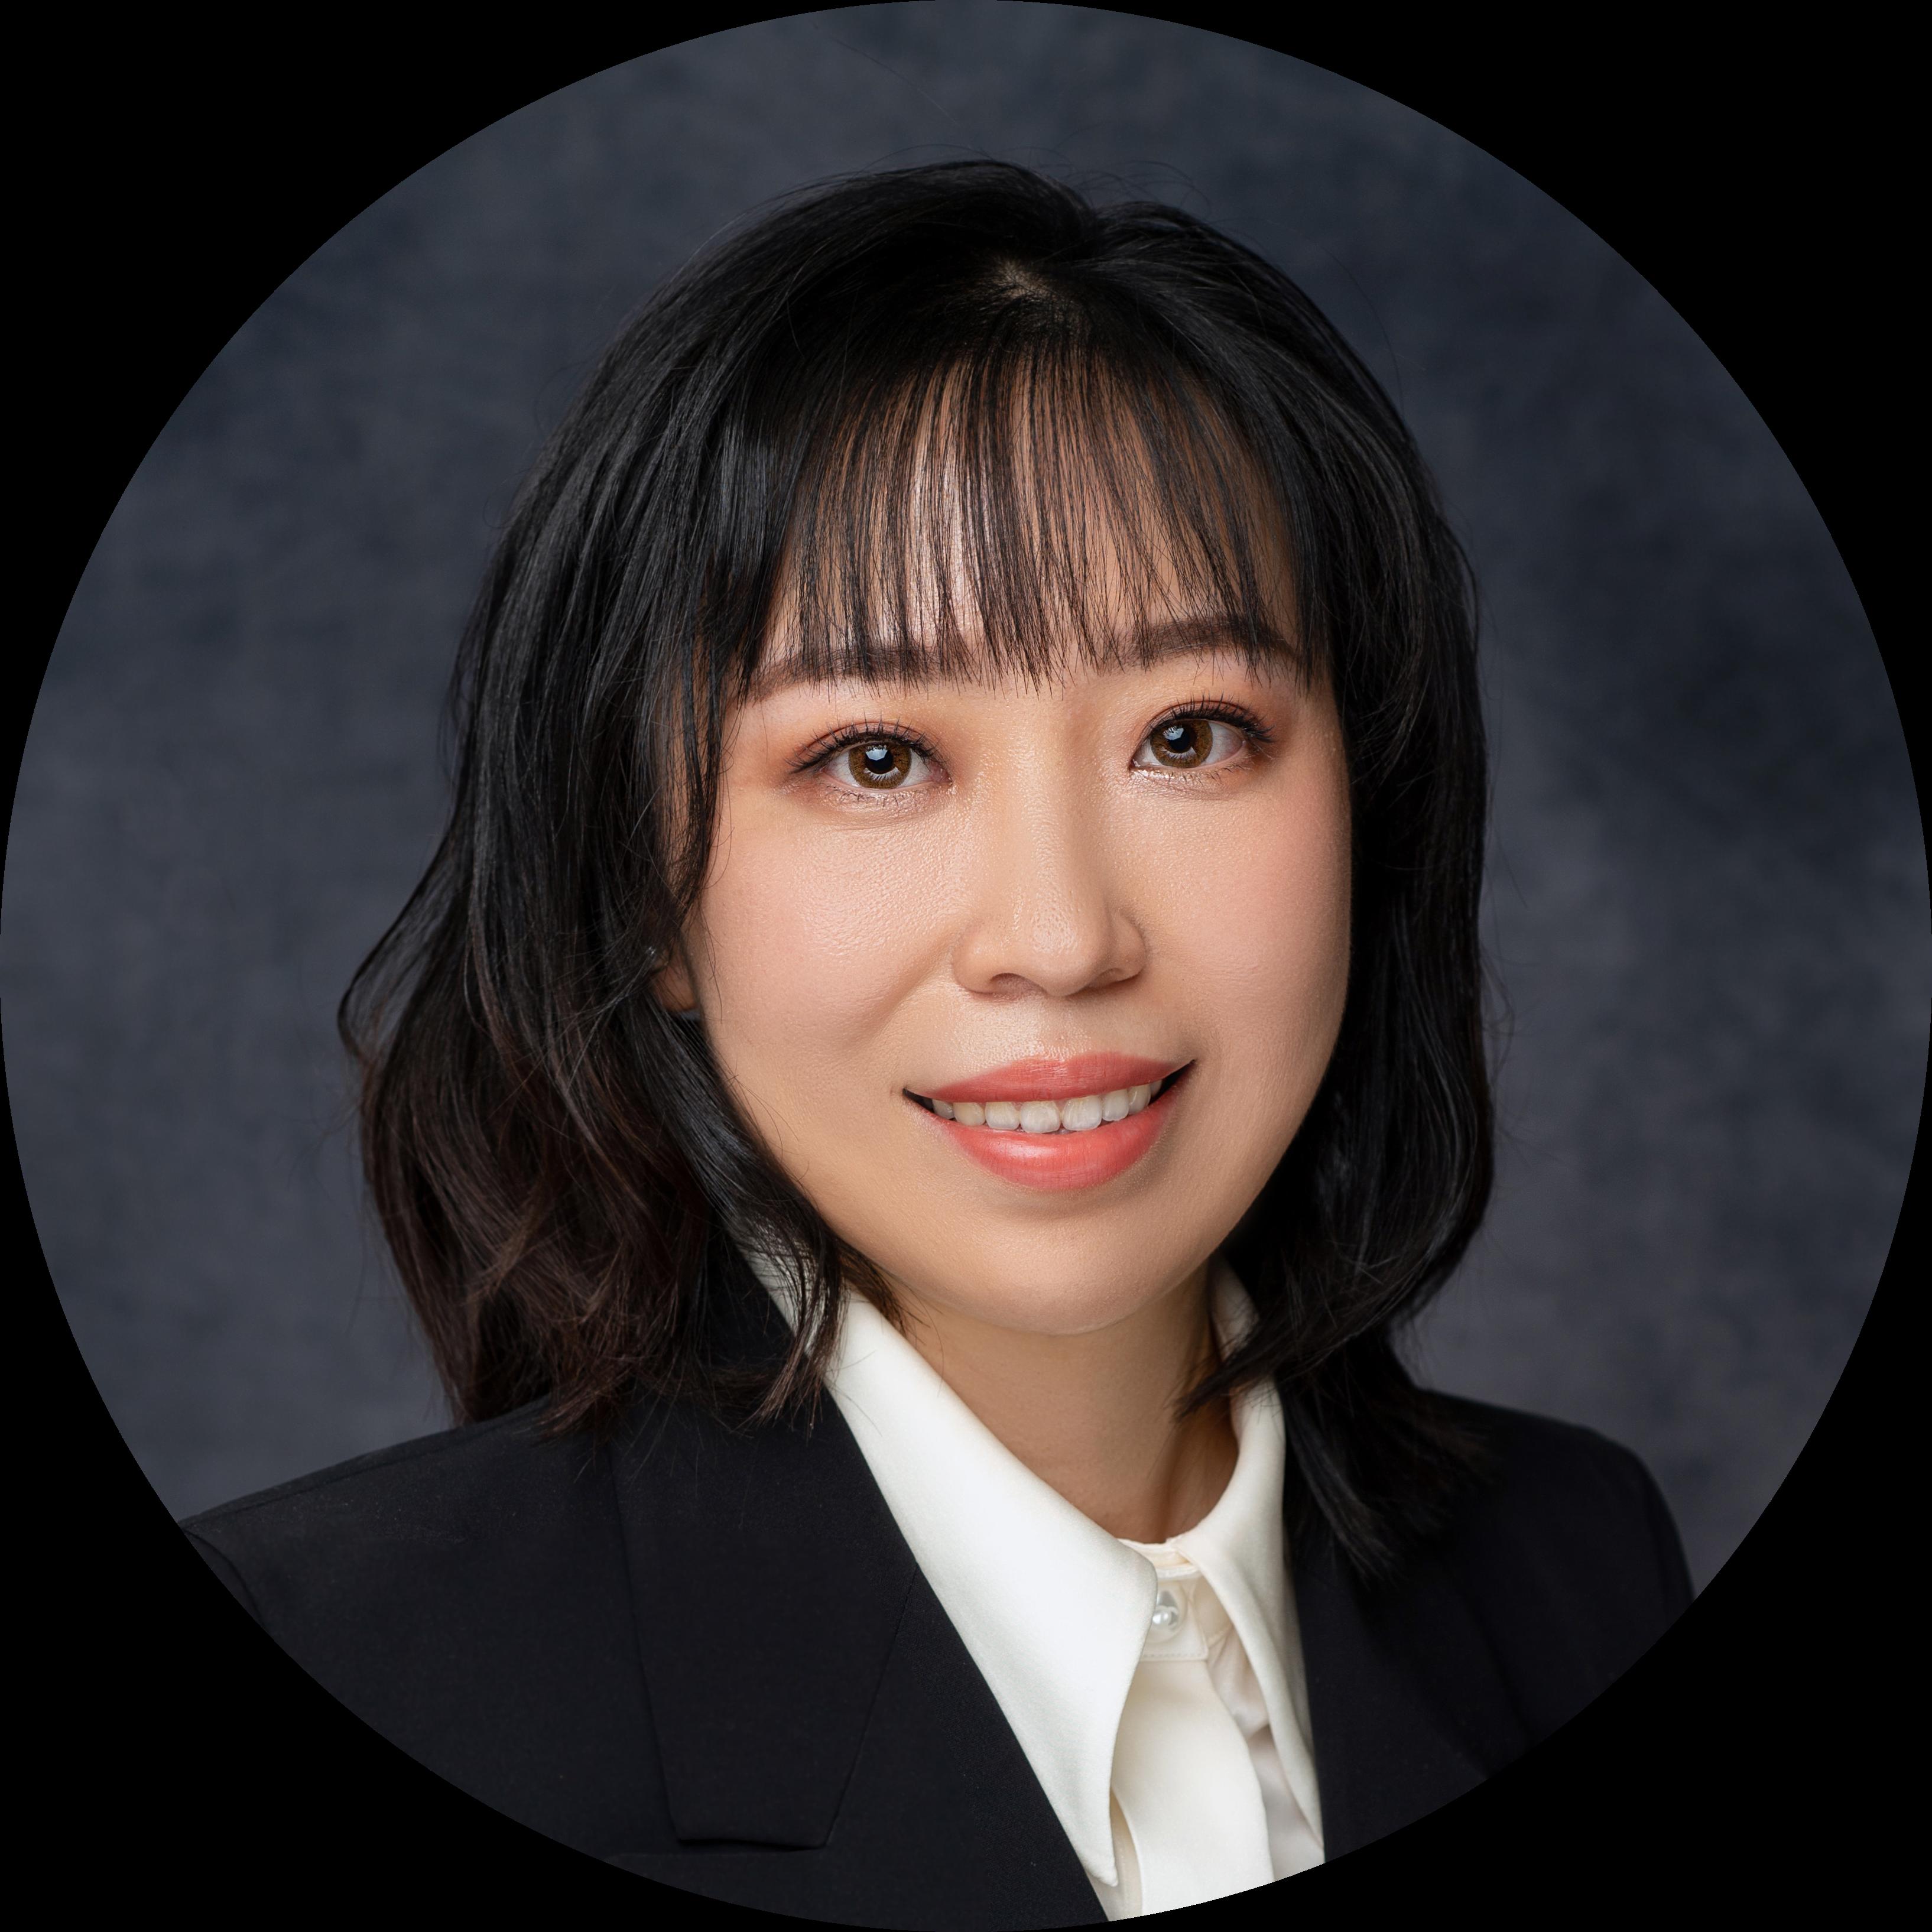 Sarah Liu image